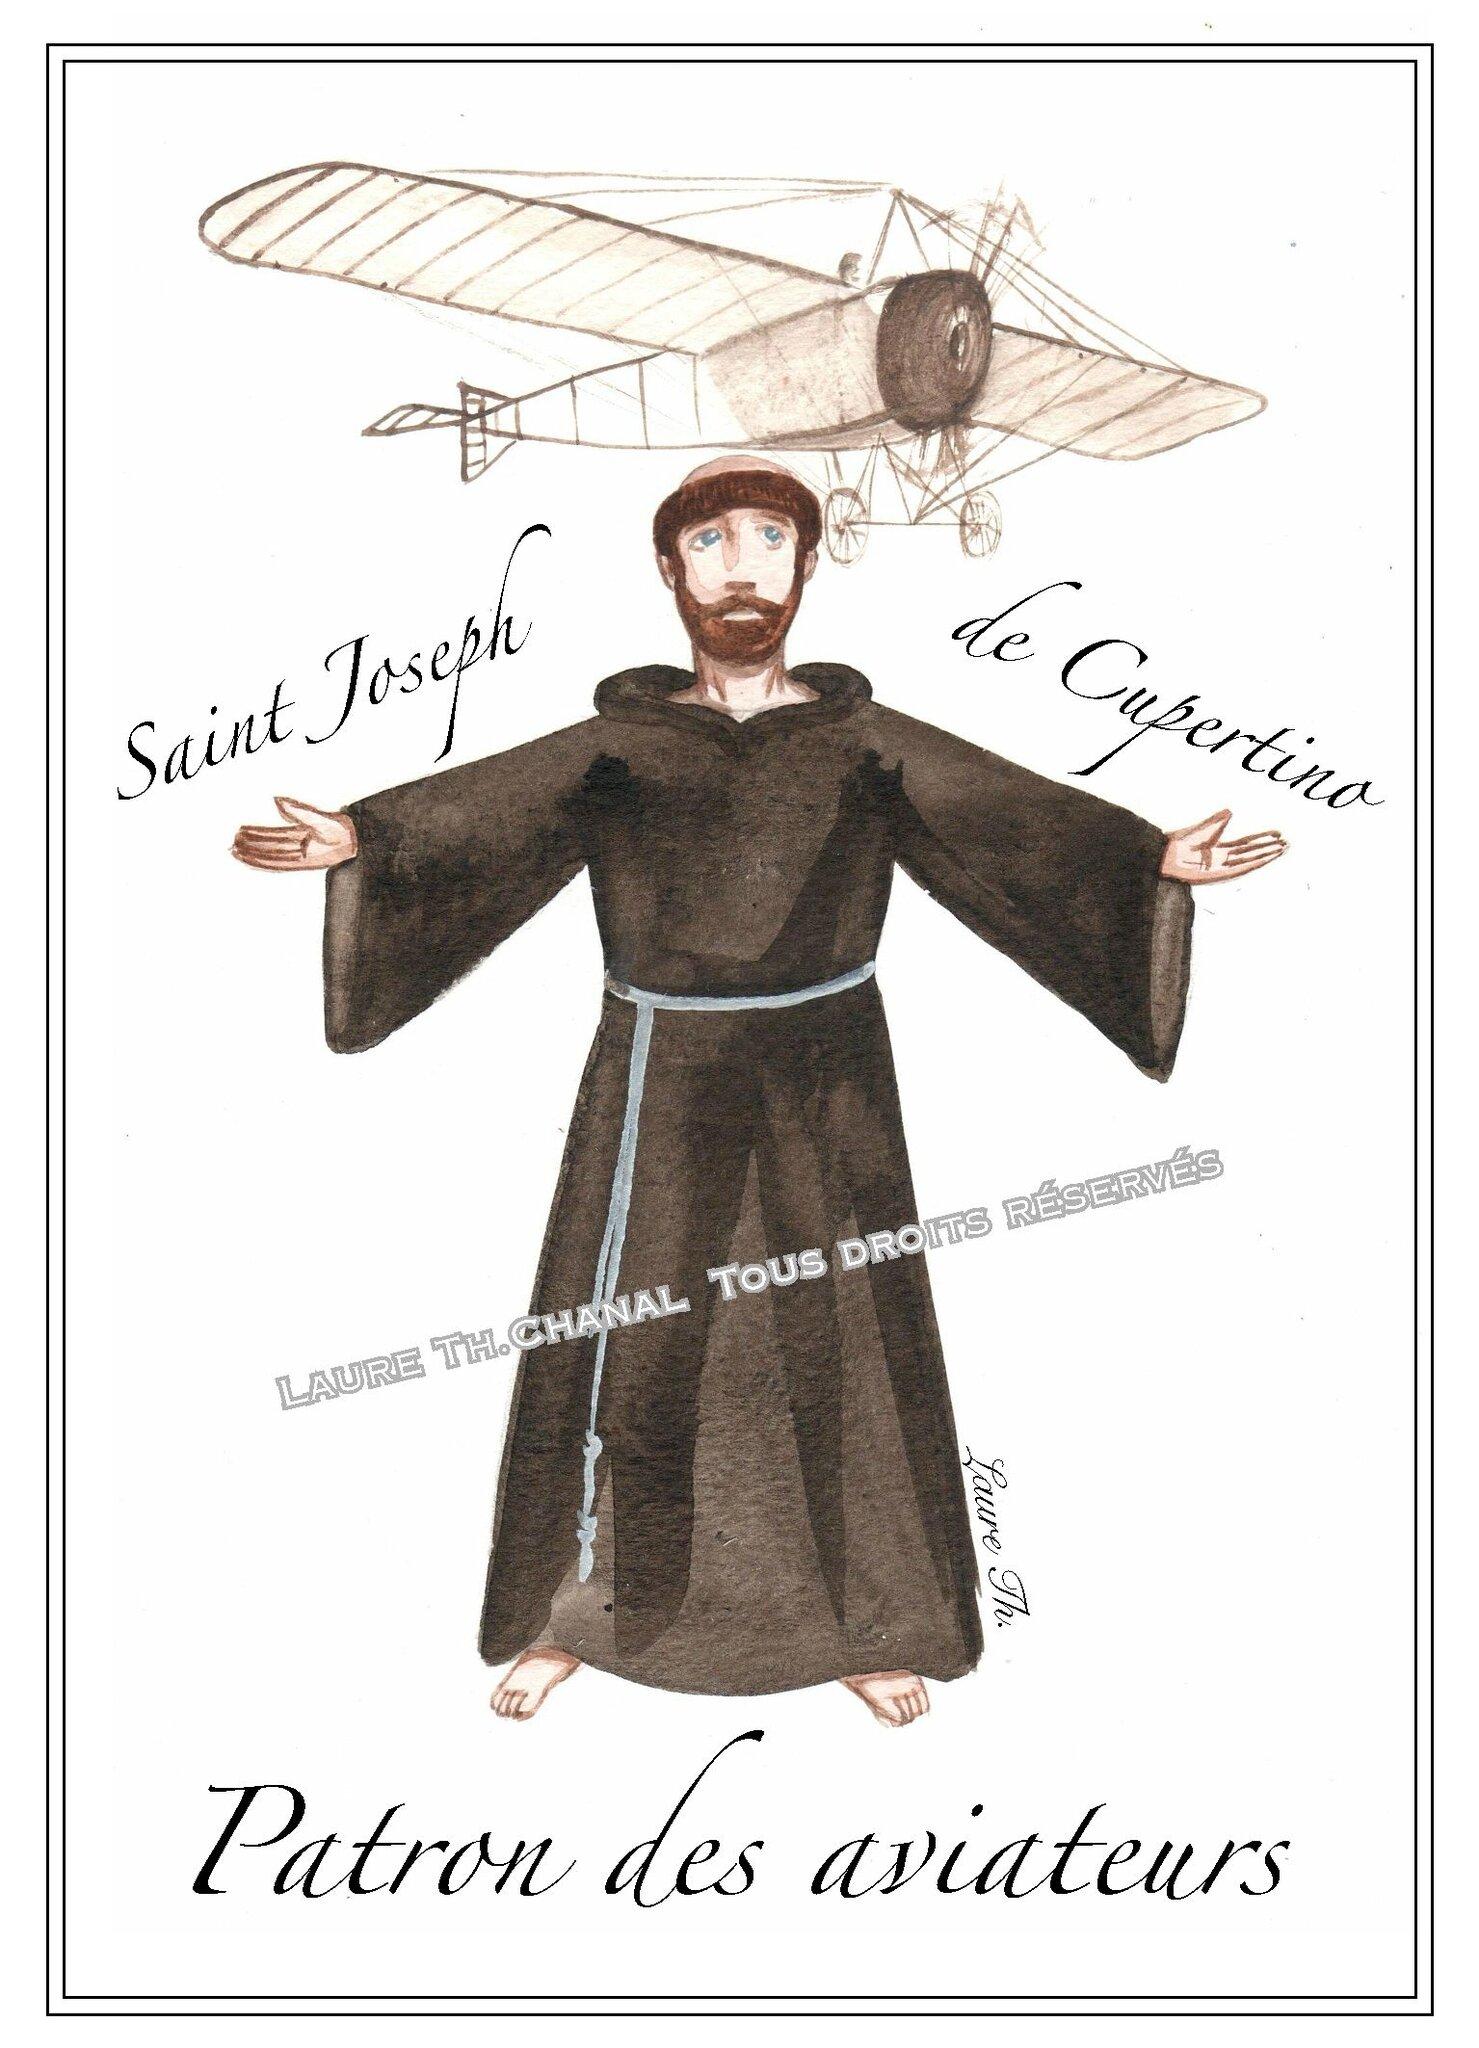 aquarelle de saint joseph de cupertino moine franciscain patron des aviateurs dessine moi. Black Bedroom Furniture Sets. Home Design Ideas